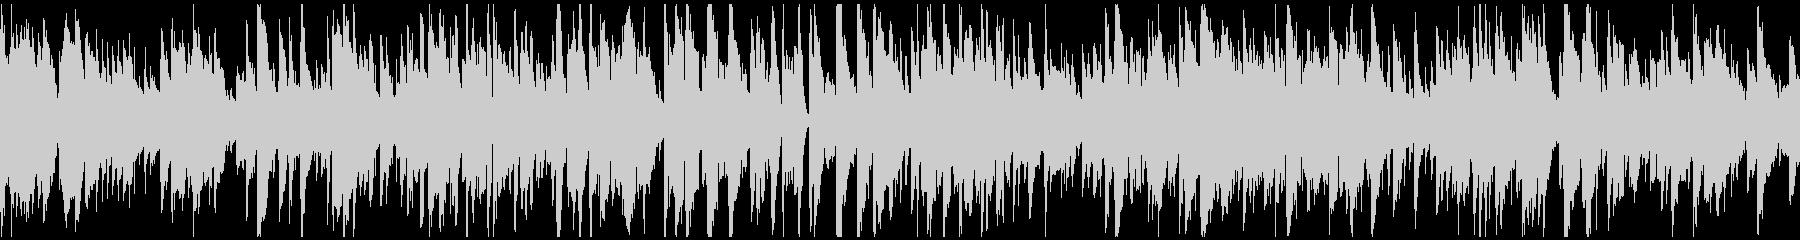 静かなボサノバ、リラックス ※ループ版の未再生の波形